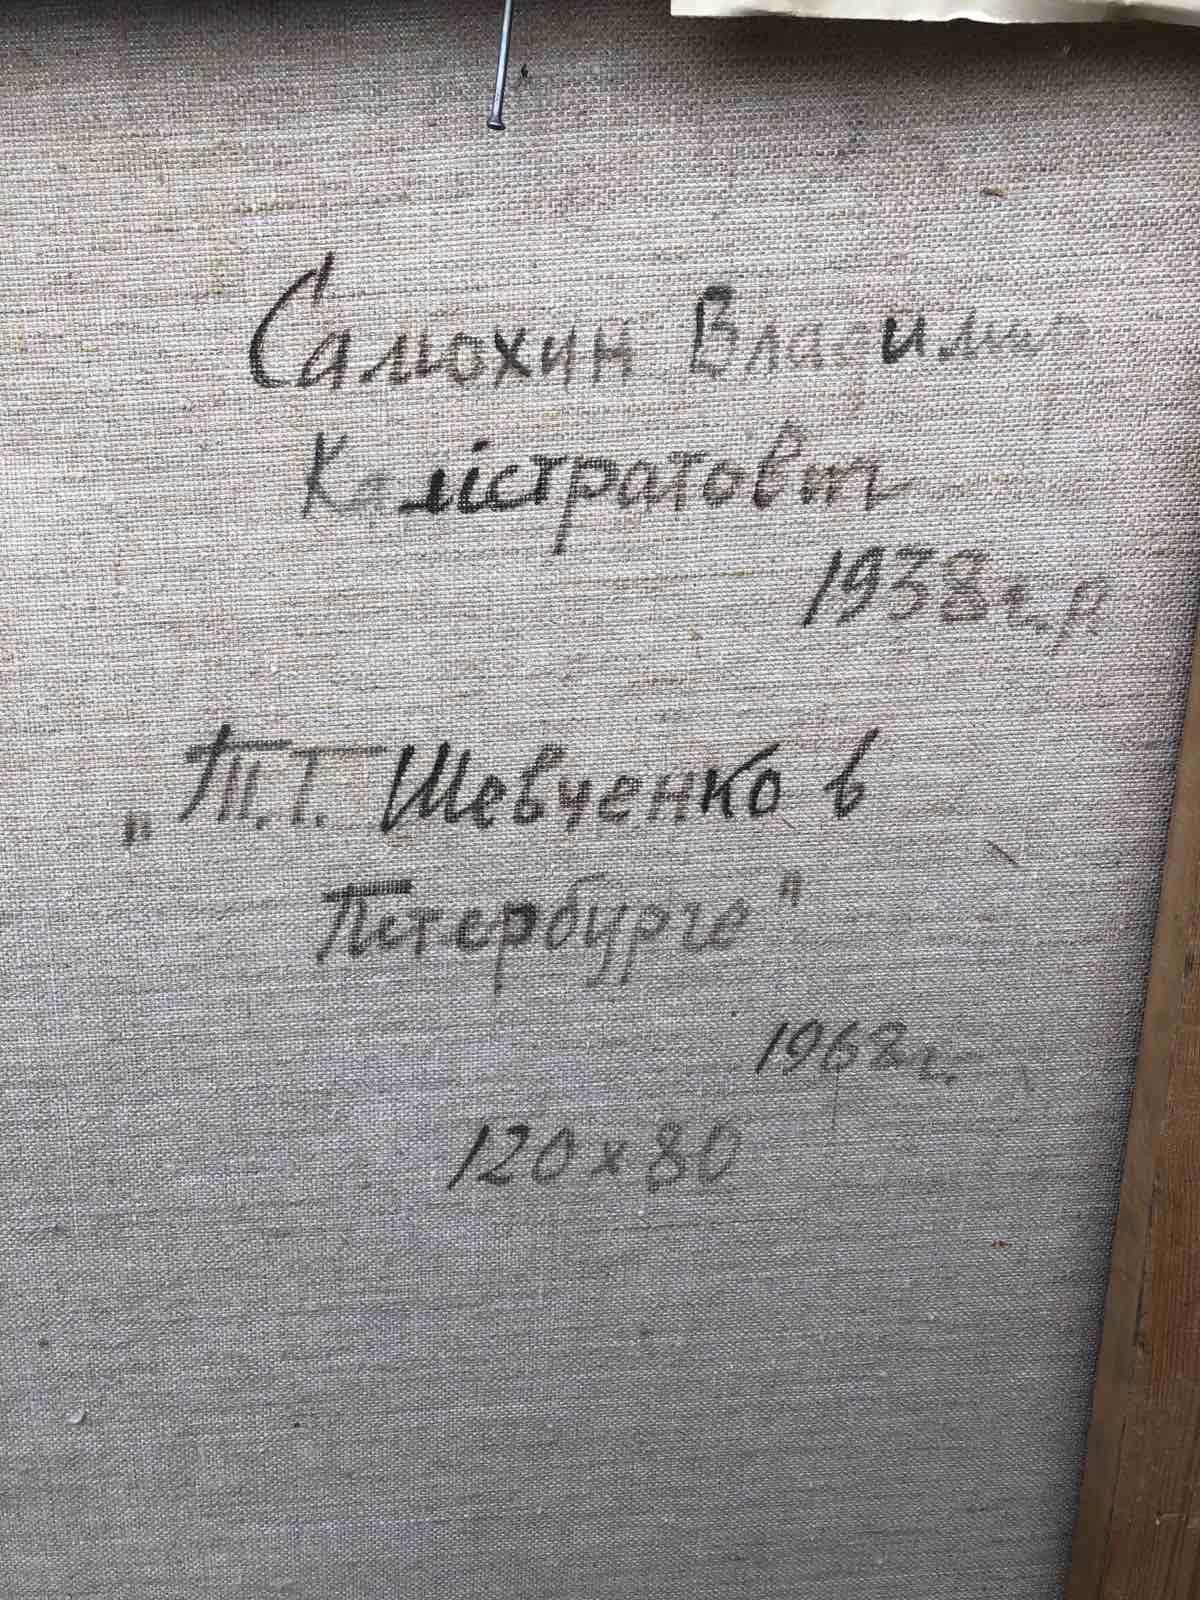 Т.Г. Шевченко в Петербурге 120-80 см., холст, масло 1962 год - 2